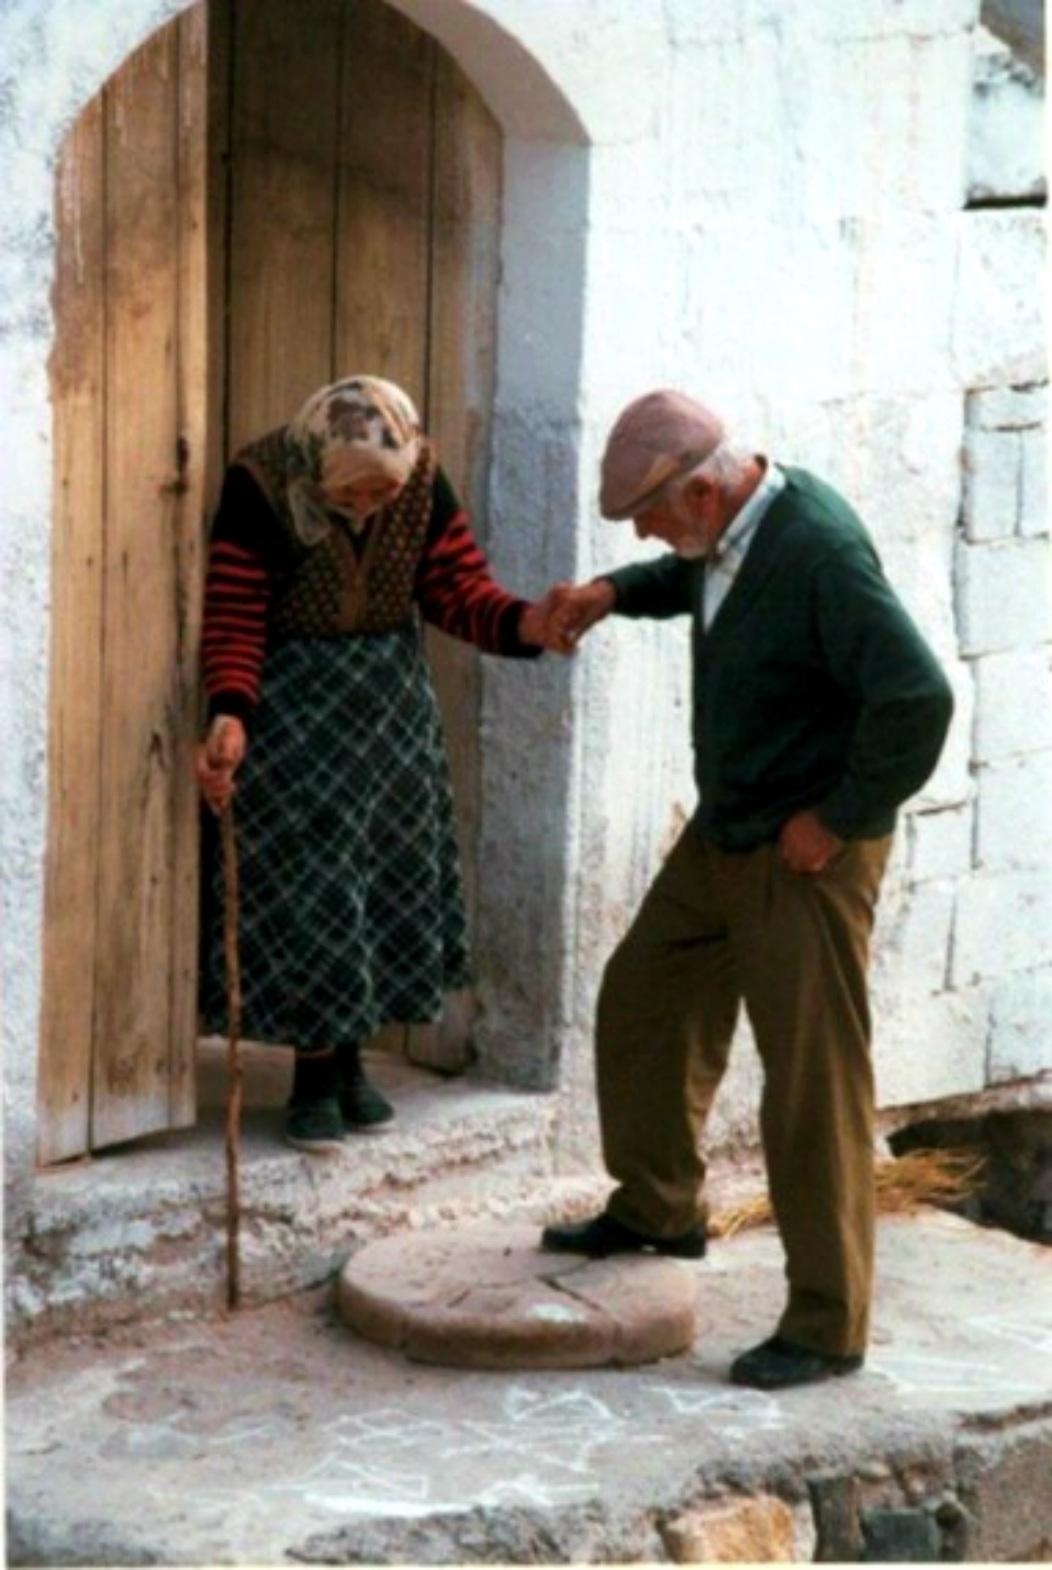 صورة اجمل الصور المعبرة عن الوفاء الحقيقي والاخلاص والحب , اخلص لحبيبك تجدة بجوارك